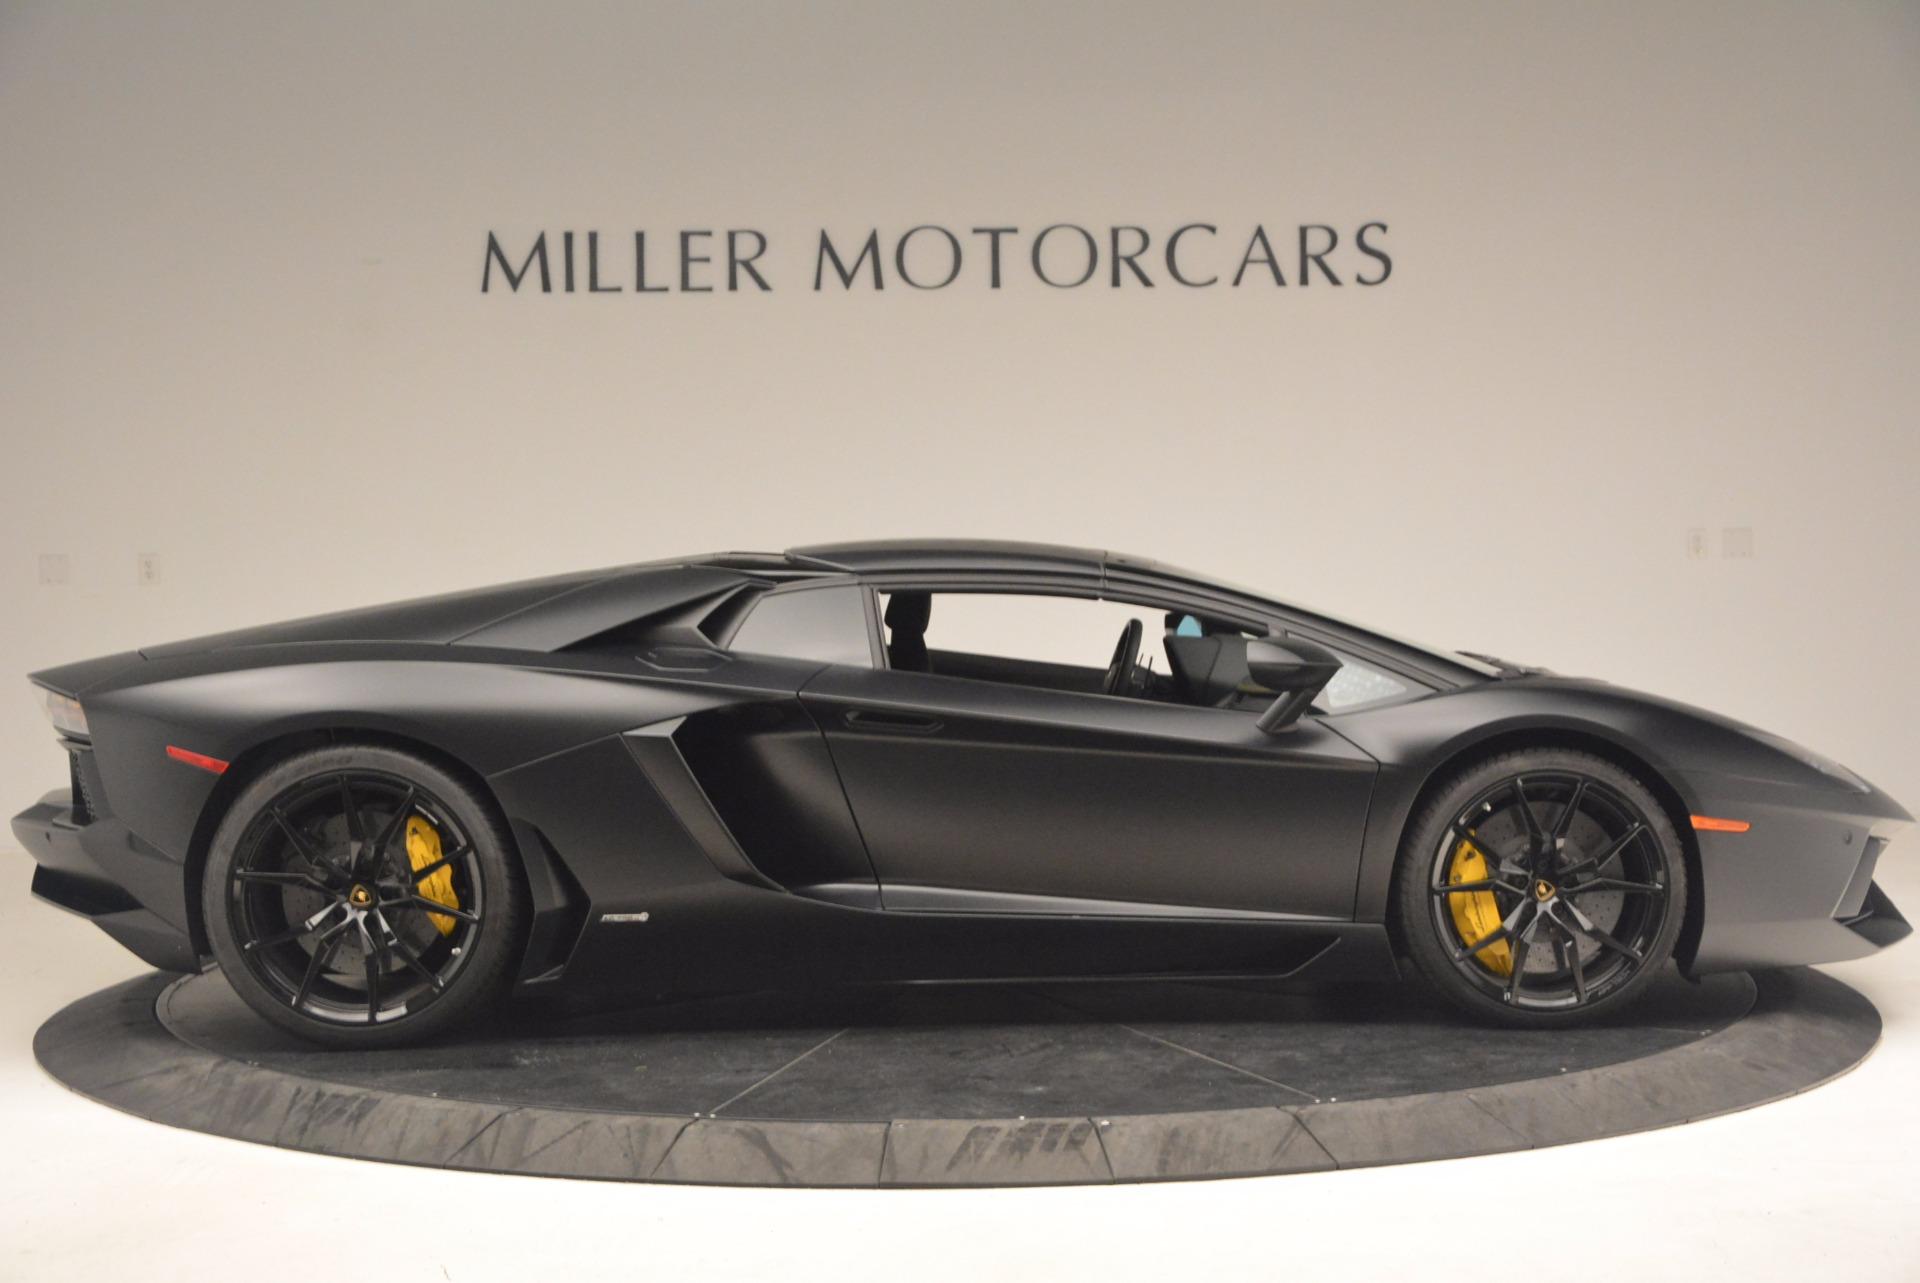 Used 2015 Lamborghini Aventador LP 700-4 For Sale In Greenwich, CT 1217_p20